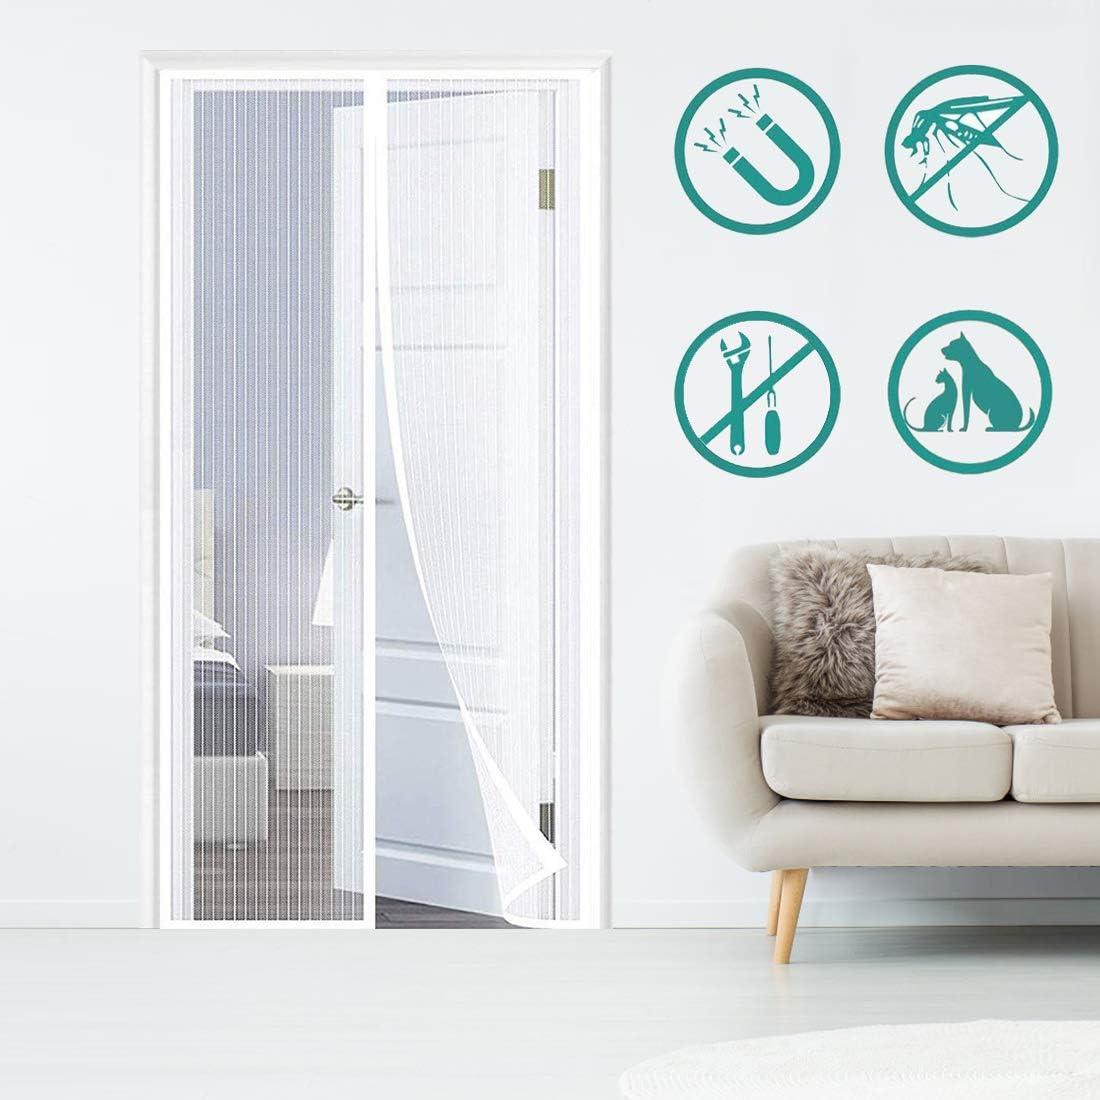 THAIKER Fliegengitter Magnet T/ür 35x83inch Magnetvorhang Insektenschutz Easy Install f/ür Balkont/ür Terrassent/ür Wohnzimmer 90x210cm Schwarz